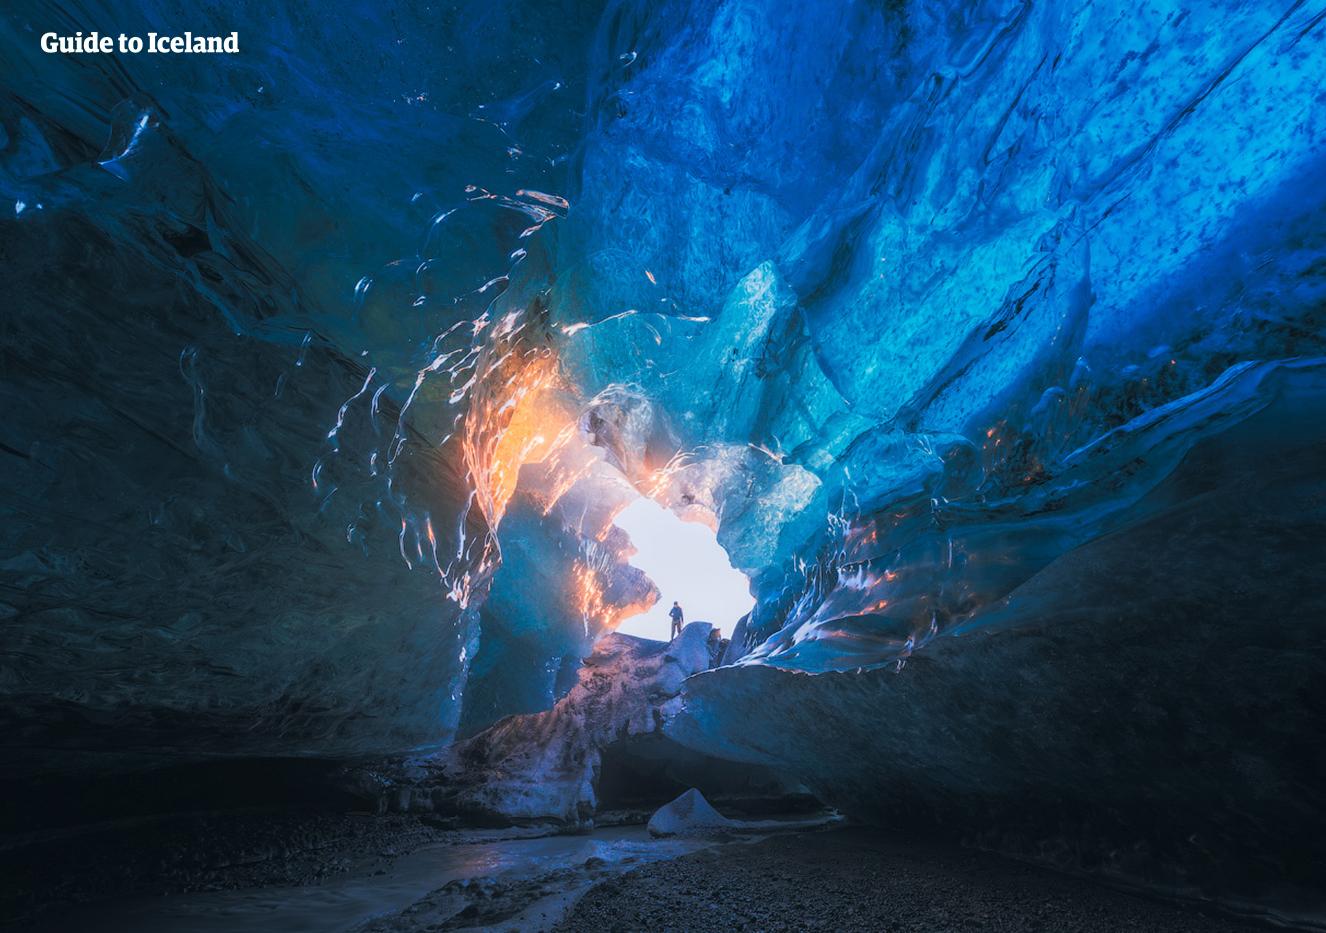 Pod lodowcem Vatnajökull znajduje się sieć jaskiń lodowych, które możesz eksplorować zimą.